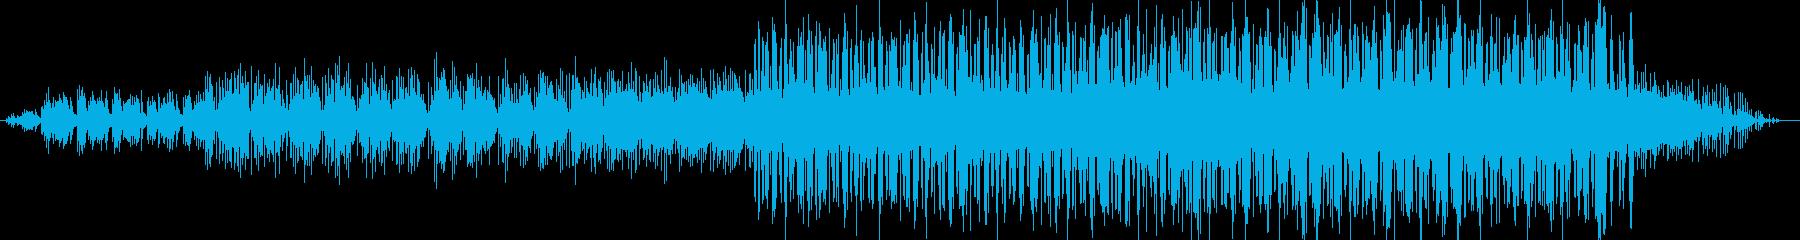 ドライブ感のあるミニマルアシッドテクノの再生済みの波形